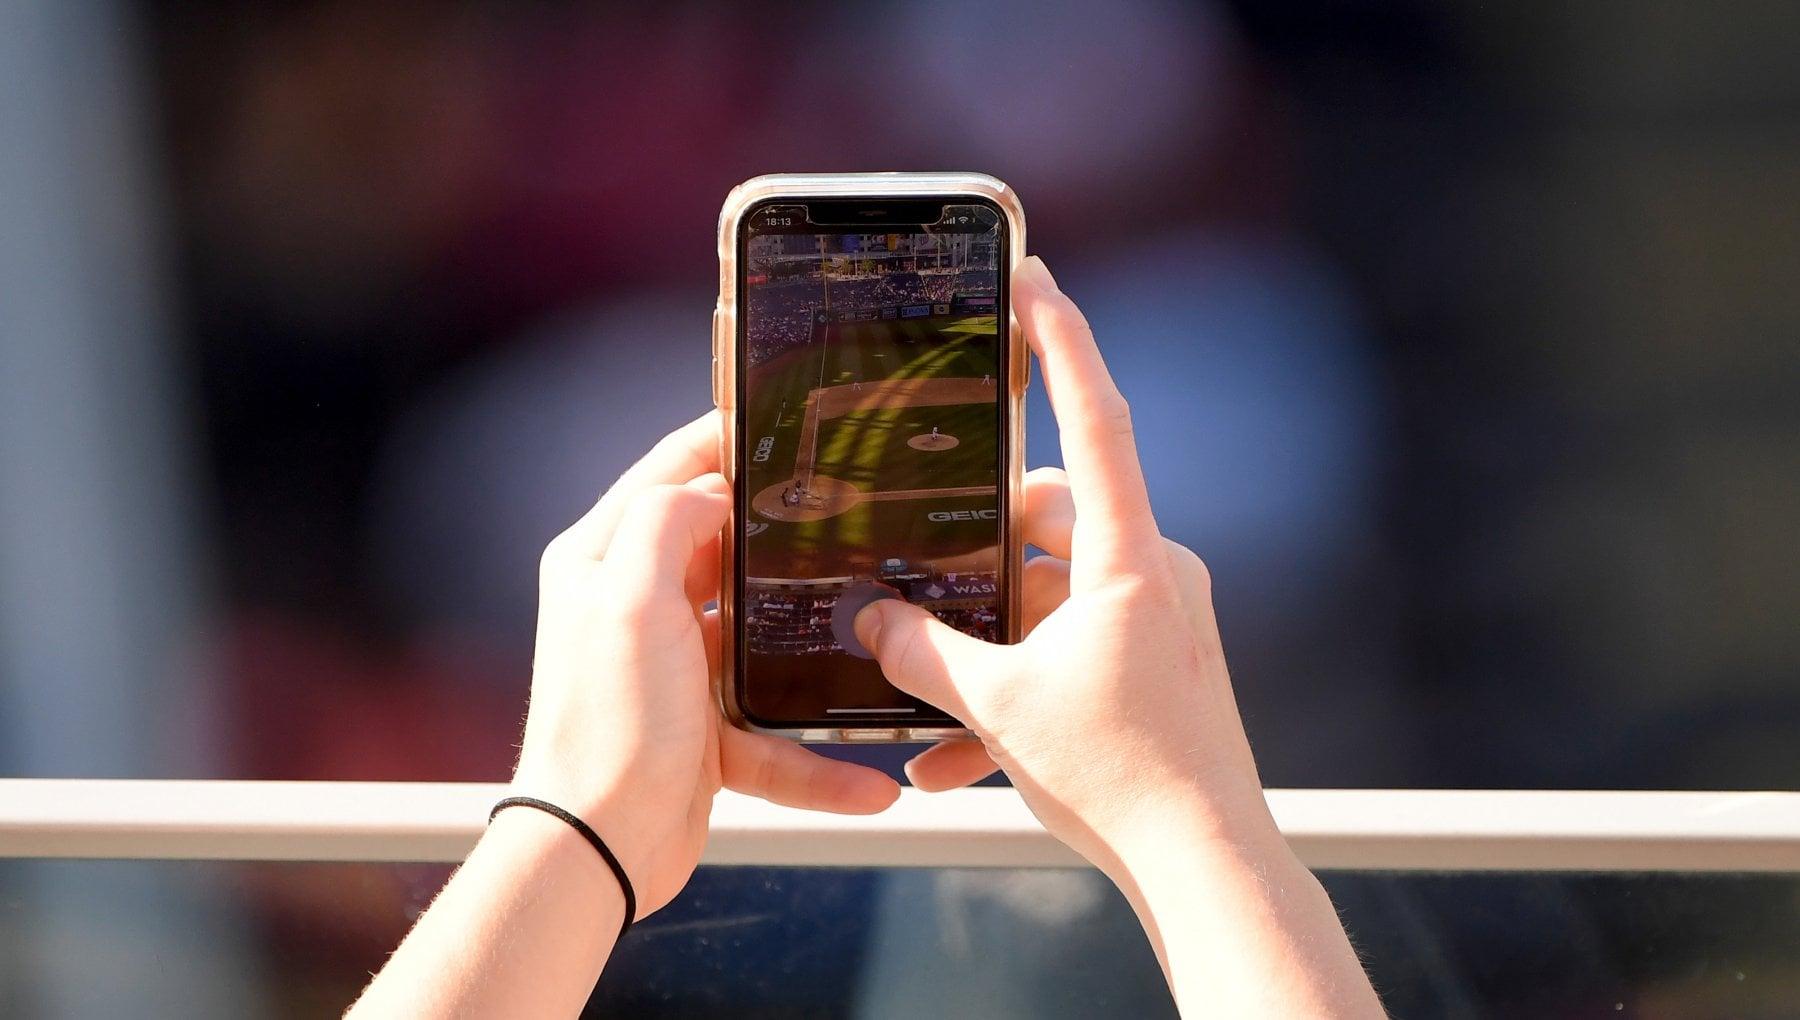 010538309 d20e2d99 6a33 4c63 ad9b 24b7fcdce0fa - Stati Uniti, Apple scansionerà tutti gli iPhone del Paese in cerca di immagini pedopornografiche